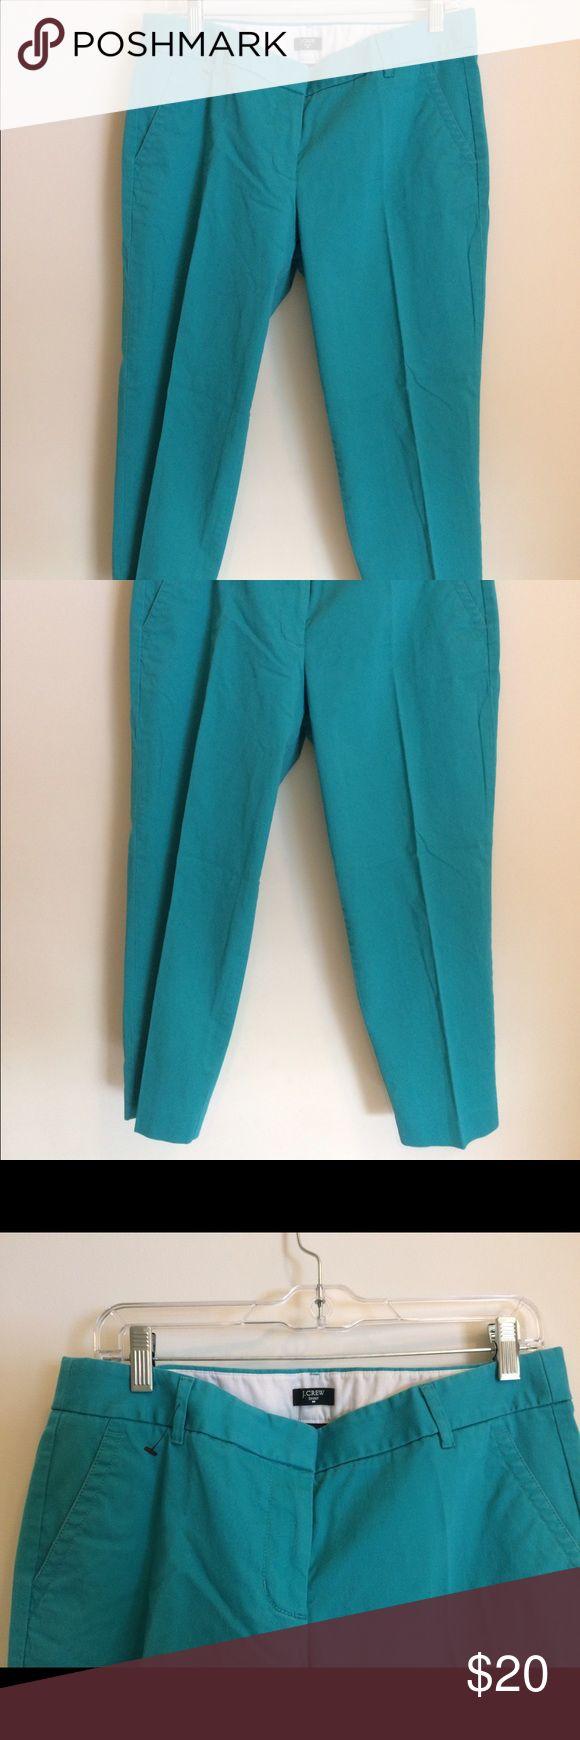 """J Crew women's Capri pants size 10 teal J. Crew women's stretch Capri Cropped pants. Teal. City fit. Size 10. Waist measures 16"""" across lying flat. Cotton/spandex blend. Excellent condition worn once. J. Crew Pants Capris"""